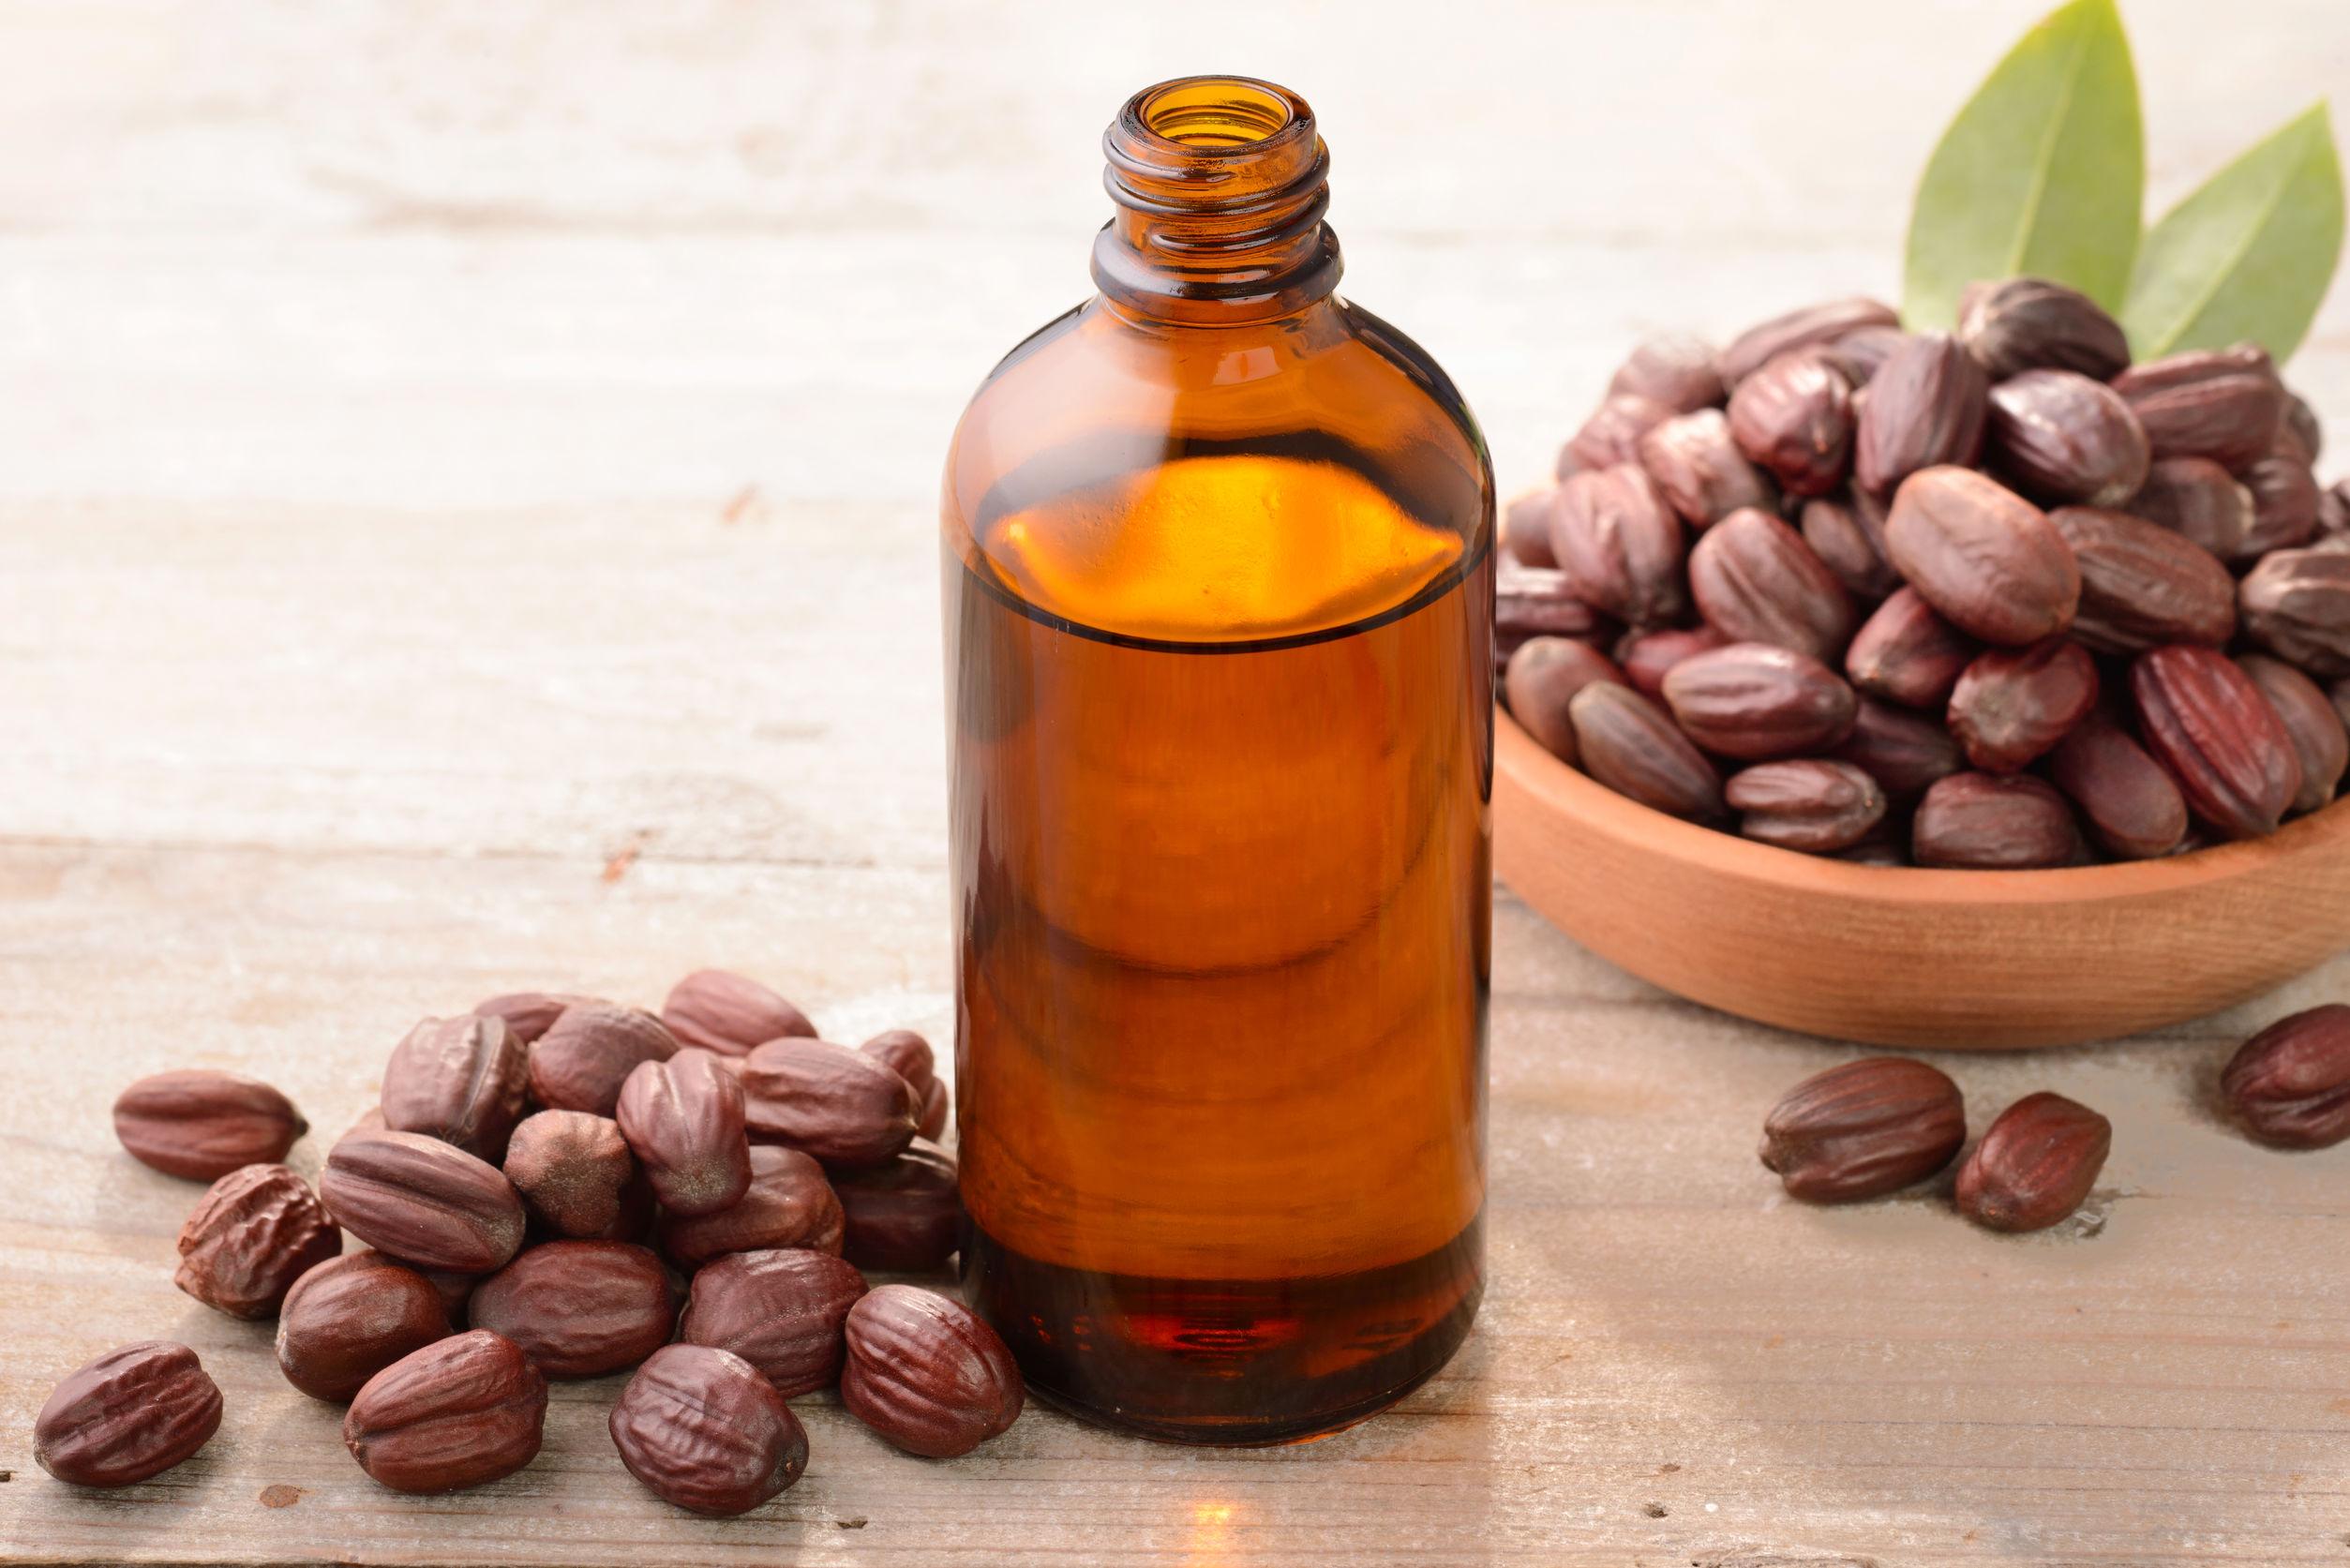 Aceite de jojoba en la tabla de madera